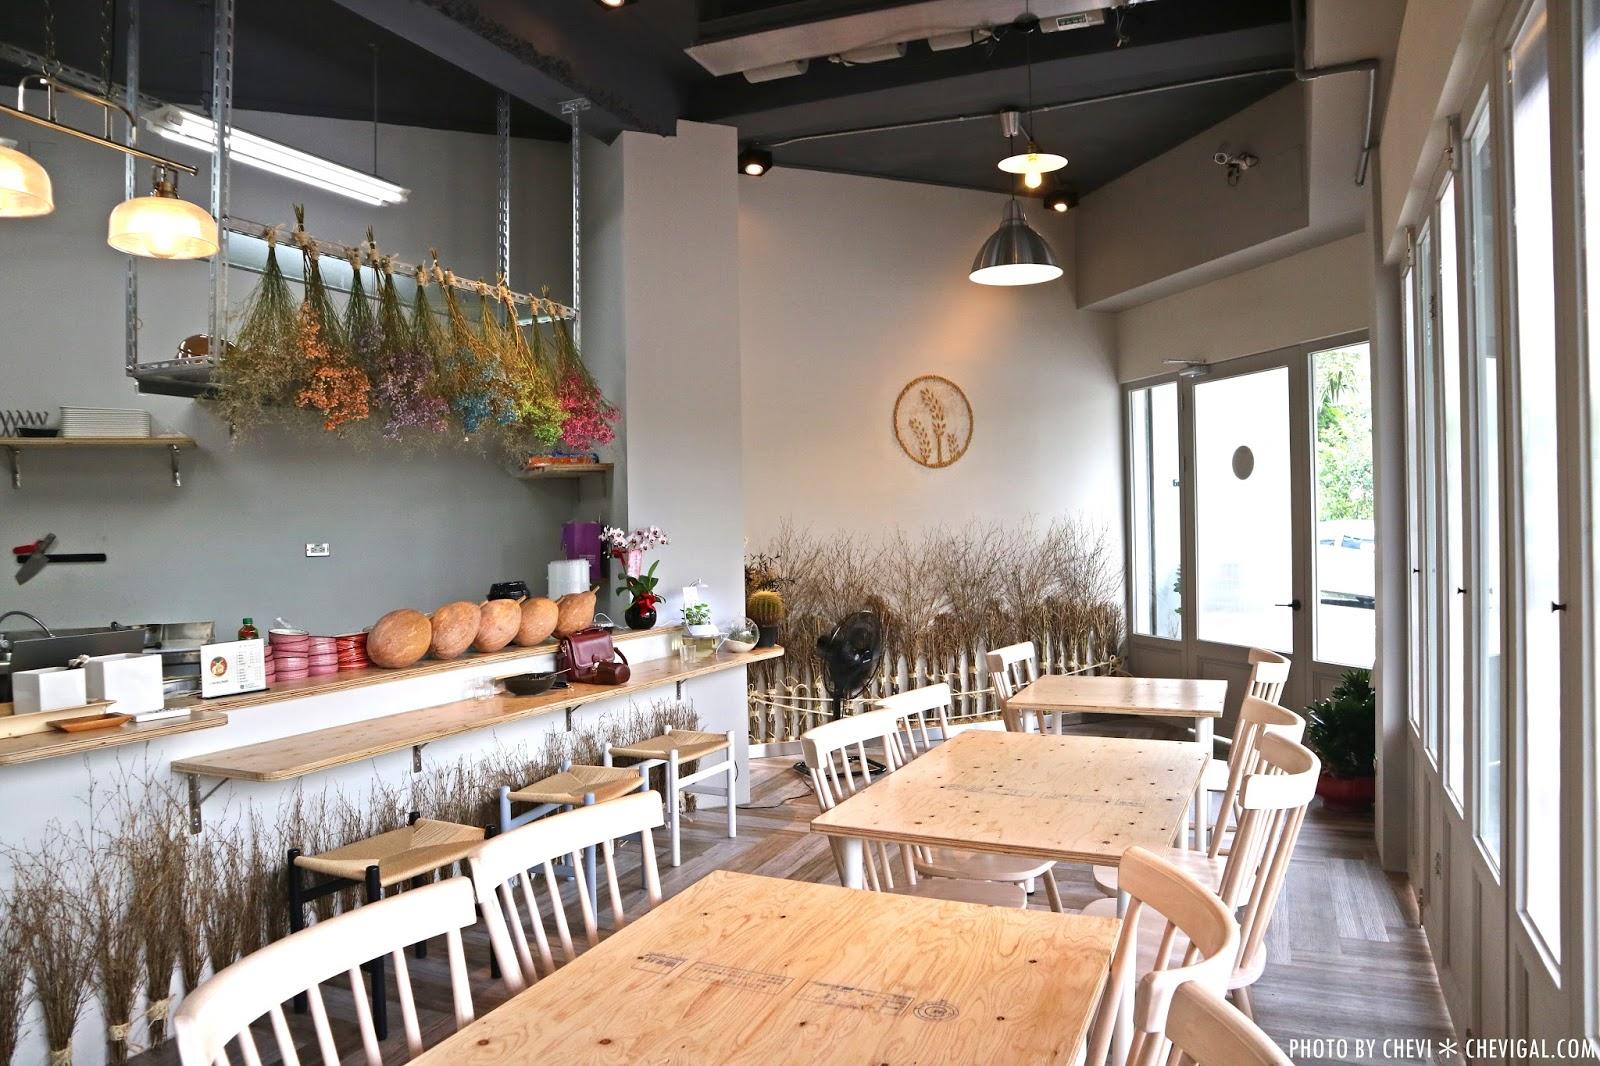 IMG 9636 - 糧倉 纖健水煮,隱身在柳川西路的文青小店。清爽水煮料理讓你吃到鮮甜原味